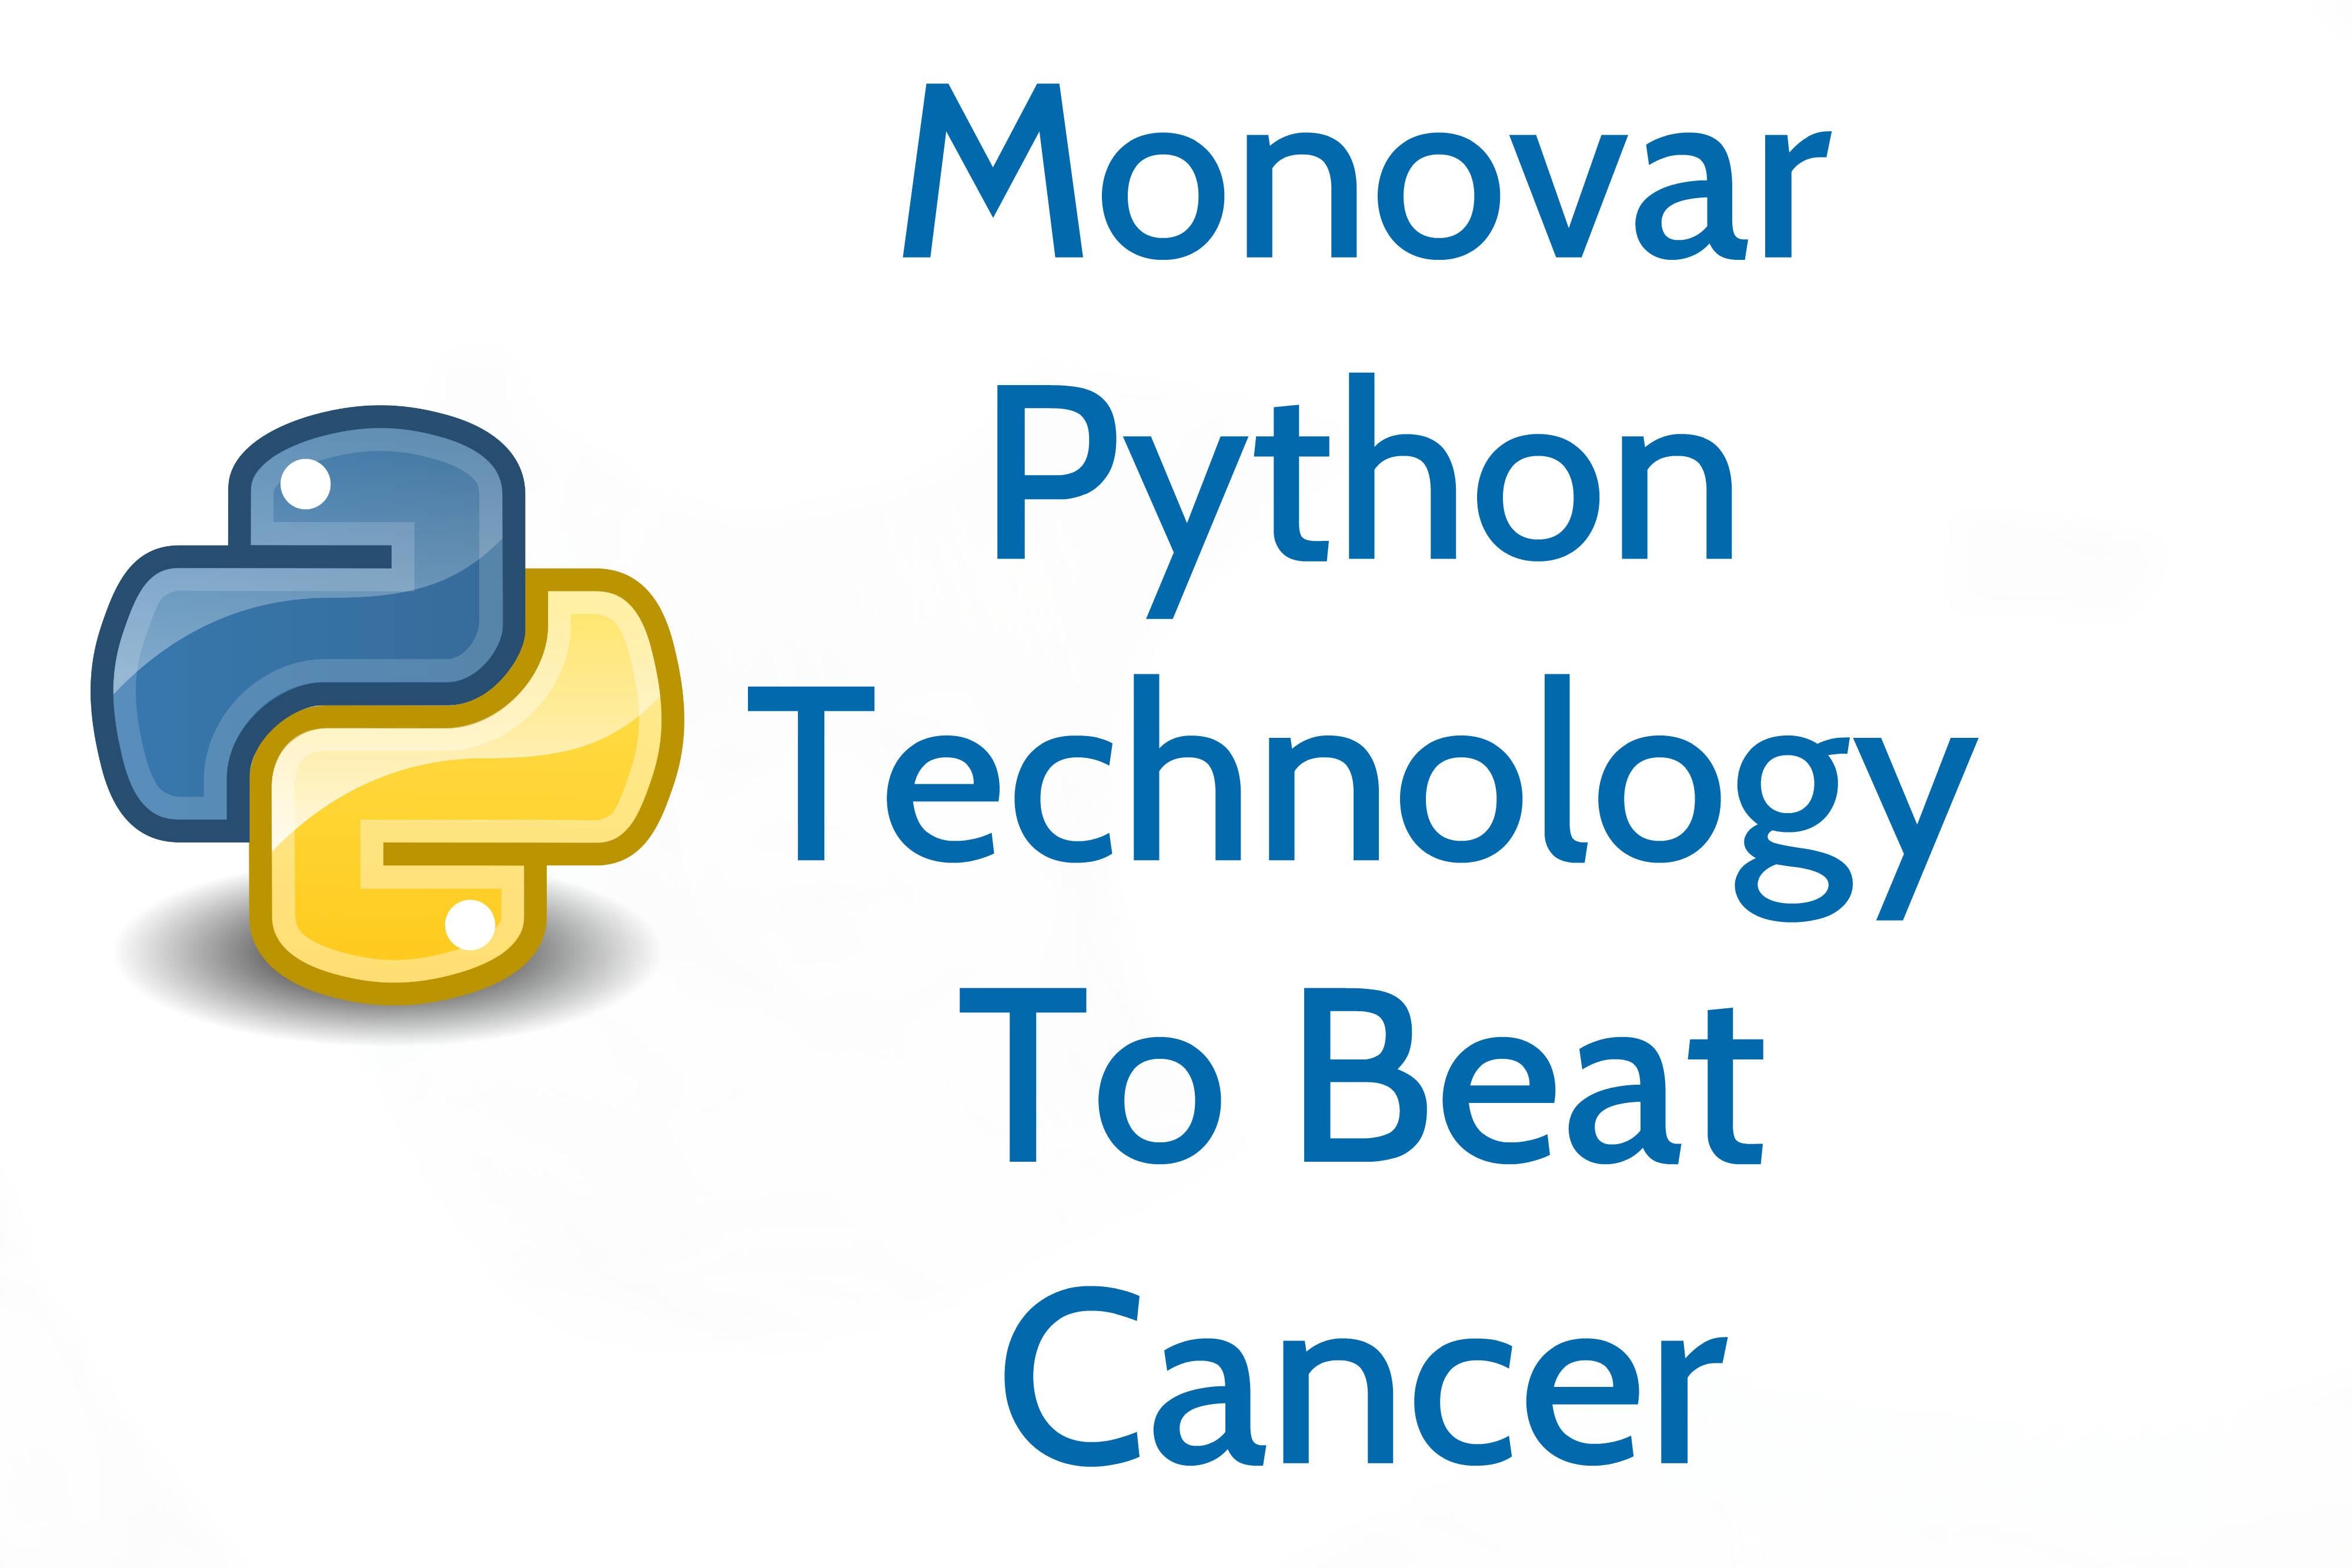 Monovar Python